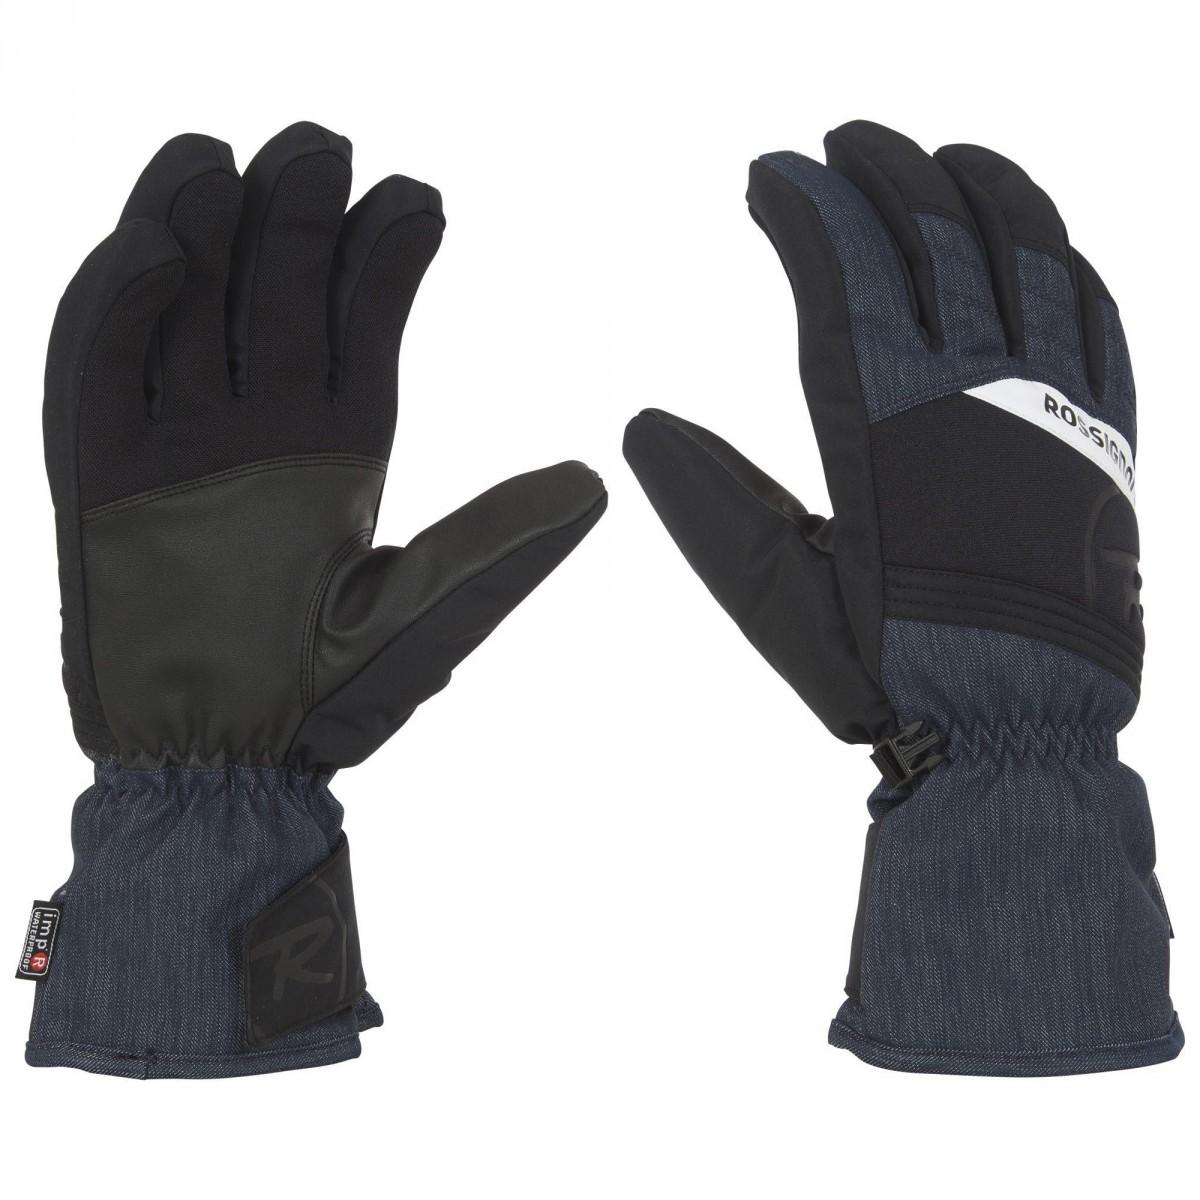 gants ski rossignol tech impr homme gants ski et snowboard. Black Bedroom Furniture Sets. Home Design Ideas